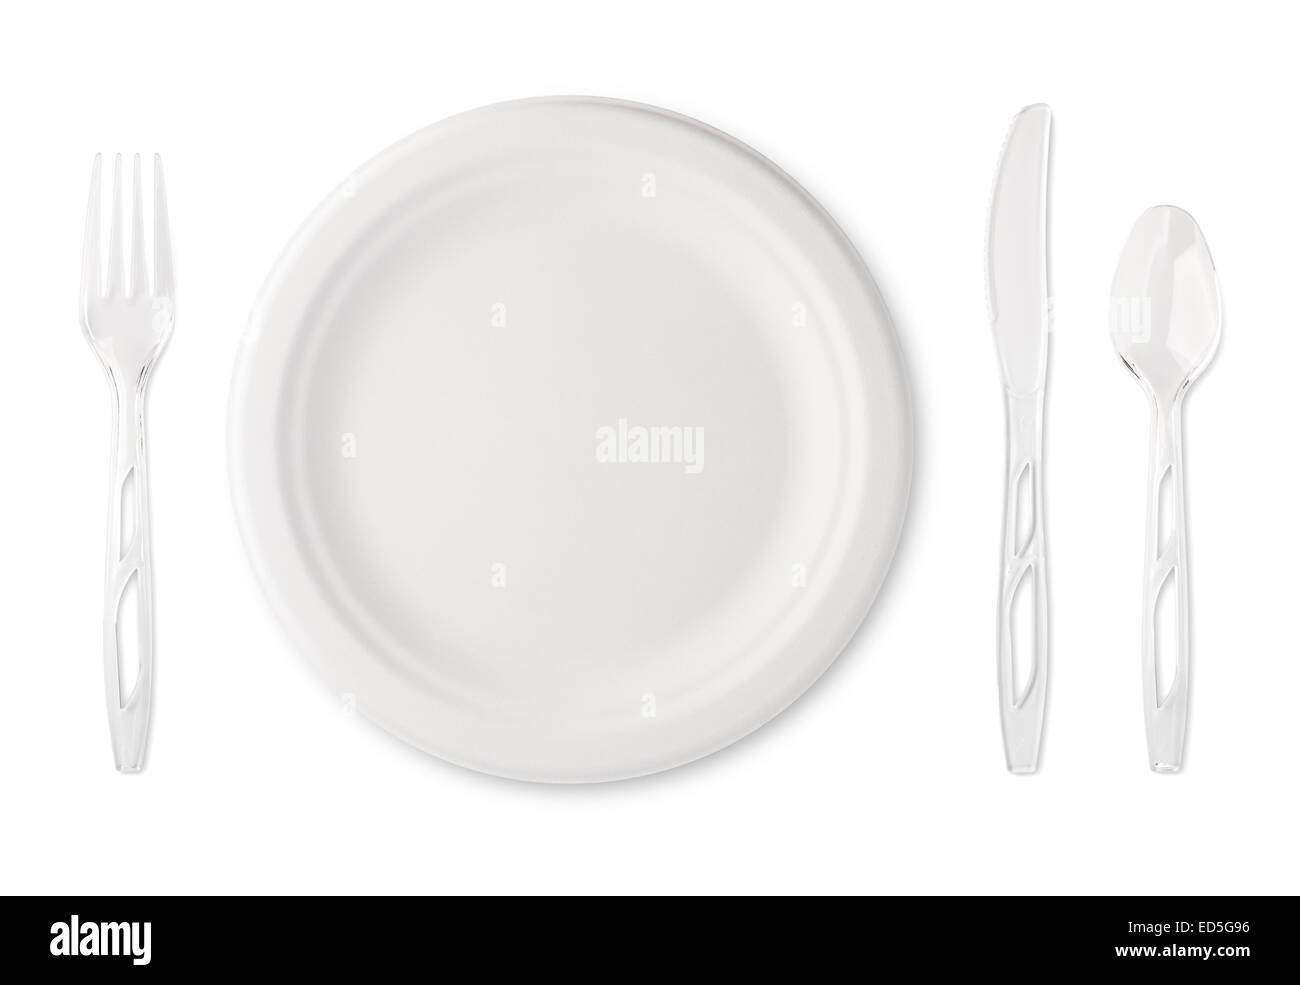 Assiette en carton et les ustensiles en plastique claire Photo Stock